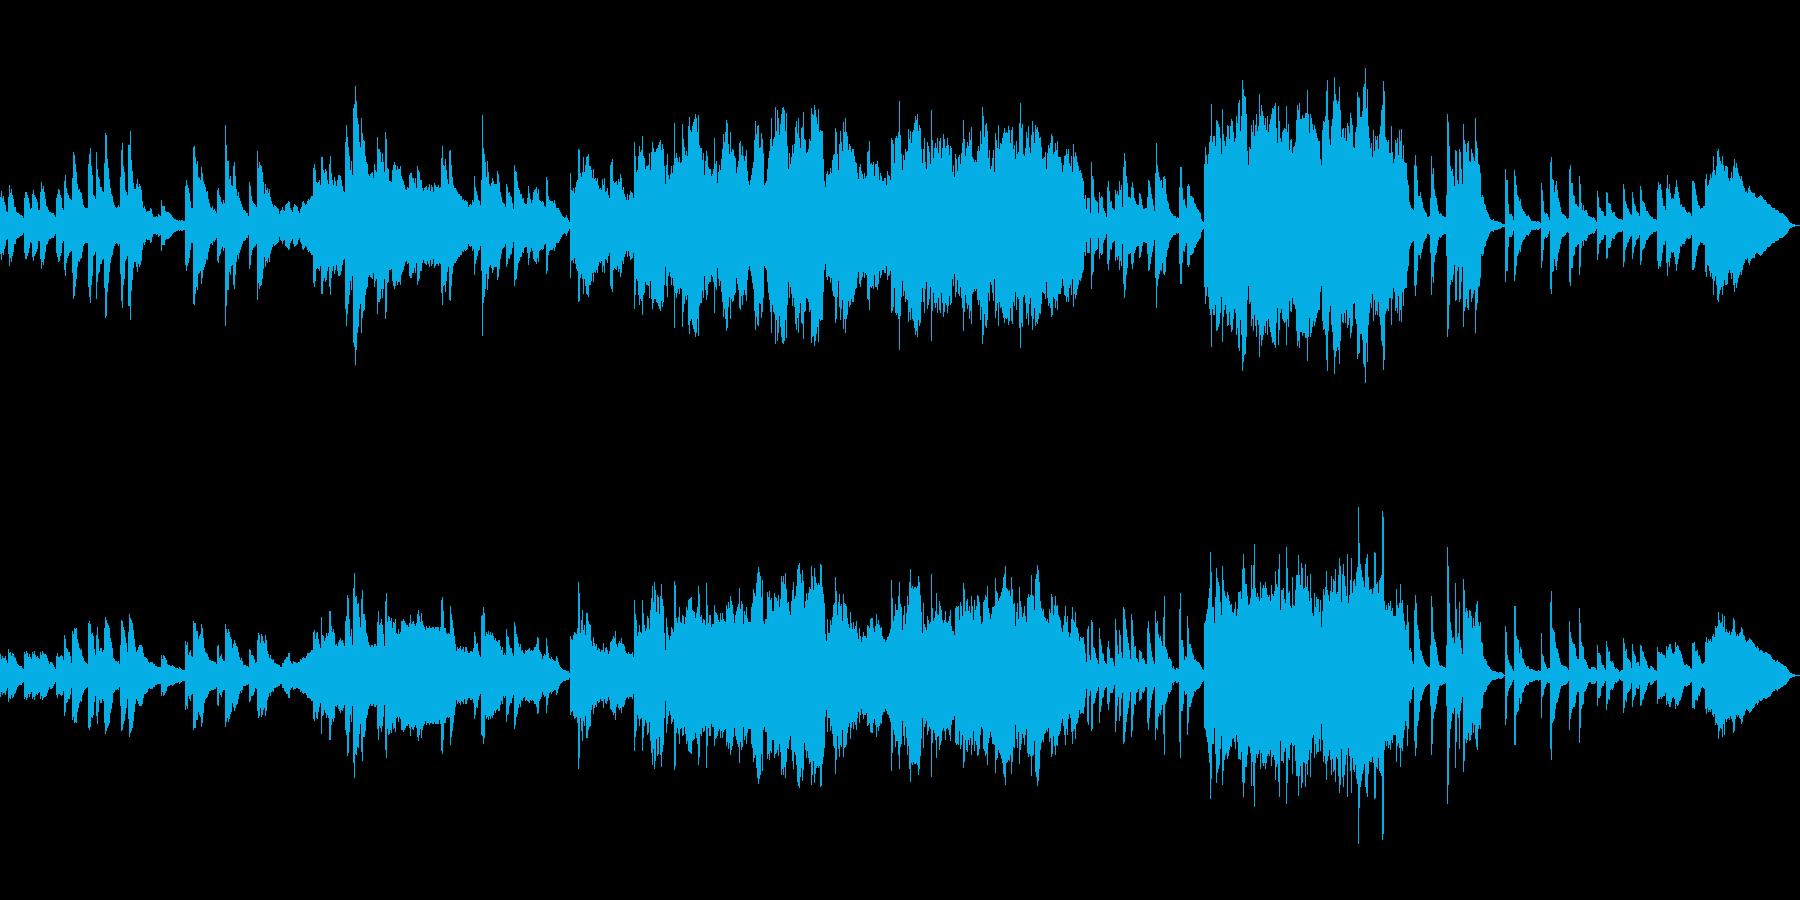 ピアノ・ヴァイオリン・チェロ三重奏の曲の再生済みの波形